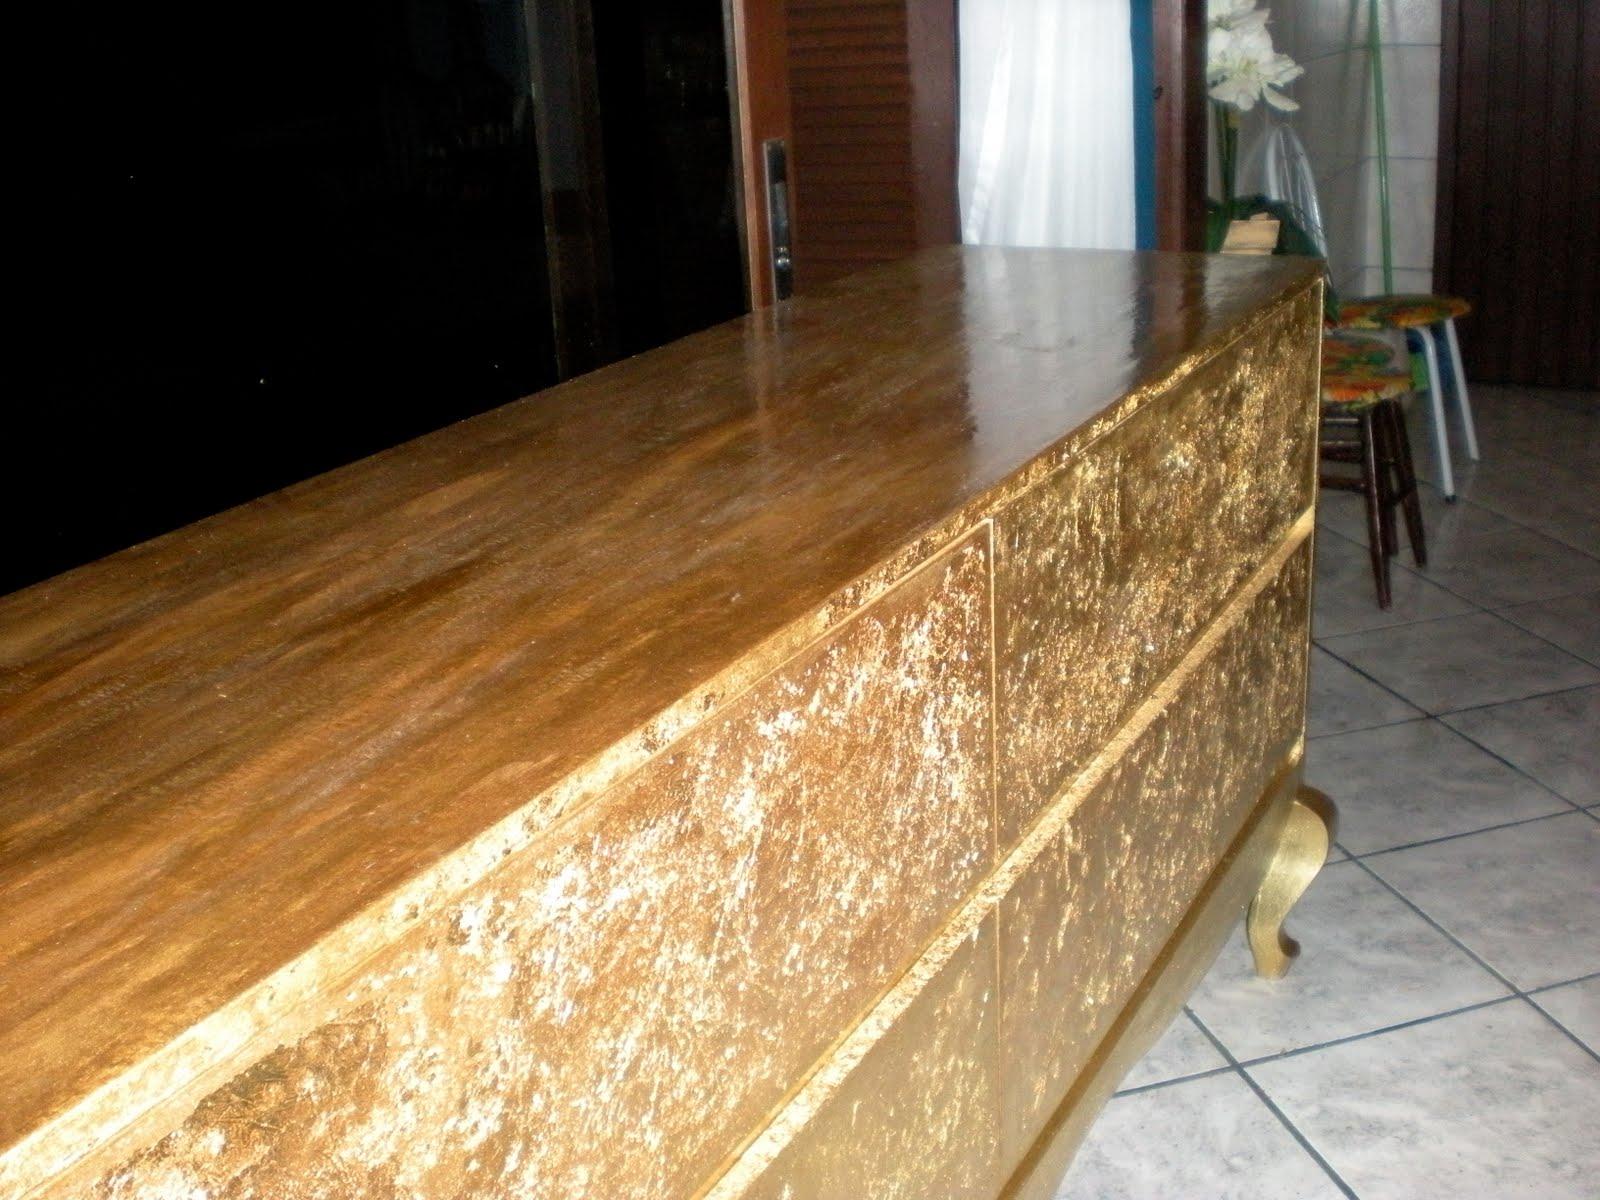 de 2m em compensado e pés madeira todo em folha ouro mais uma #A57326 1600x1200